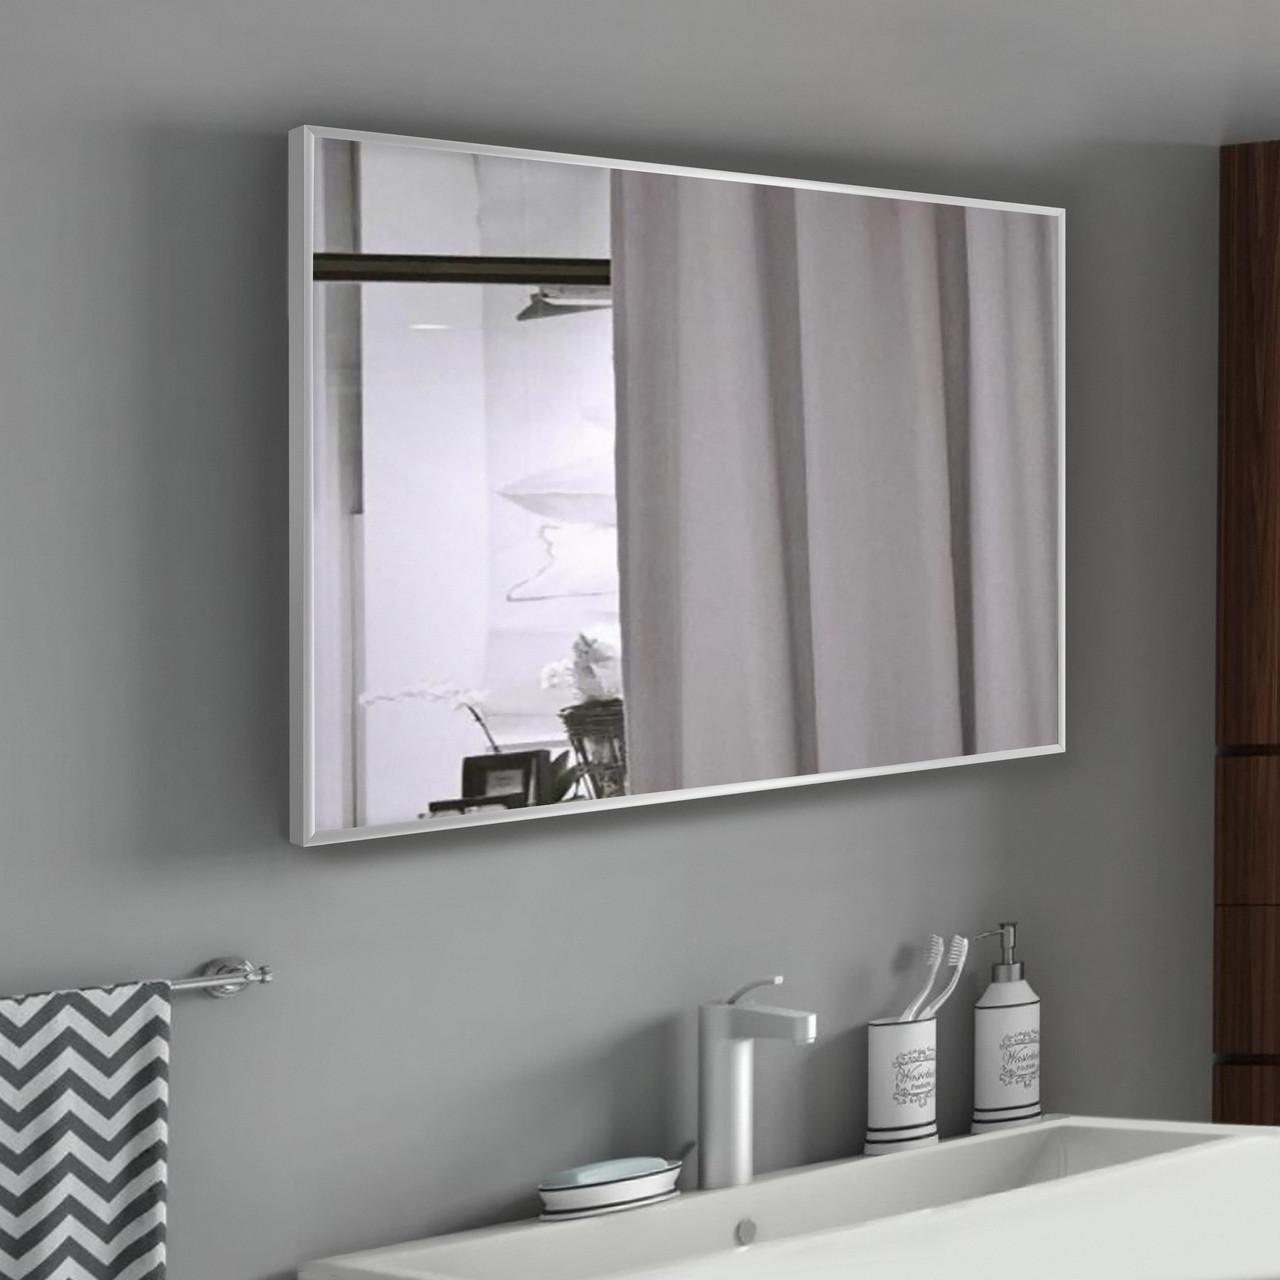 Дзеркало в алюмінієвій рамі вологостійкий 700х500 мм сірого кольору пр. Україна